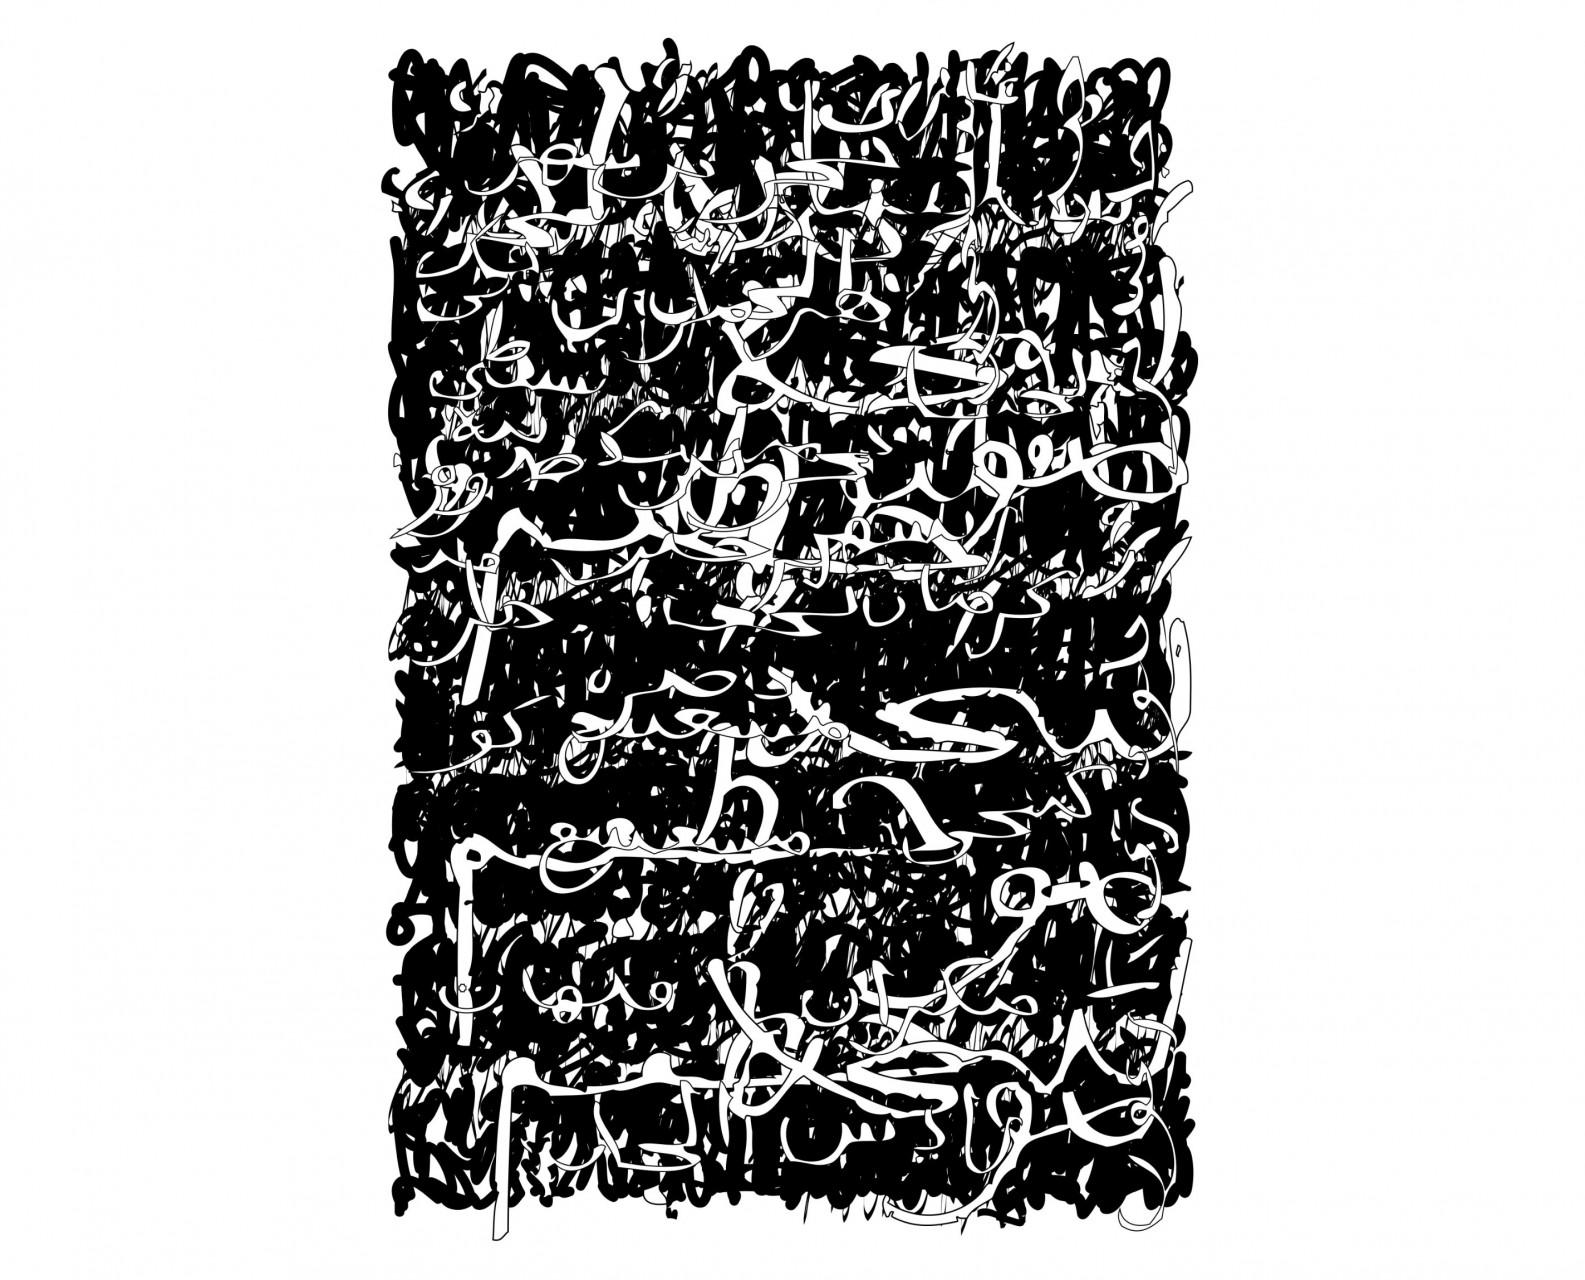 Palimpsest 015, 205 x 137 cm, 2017